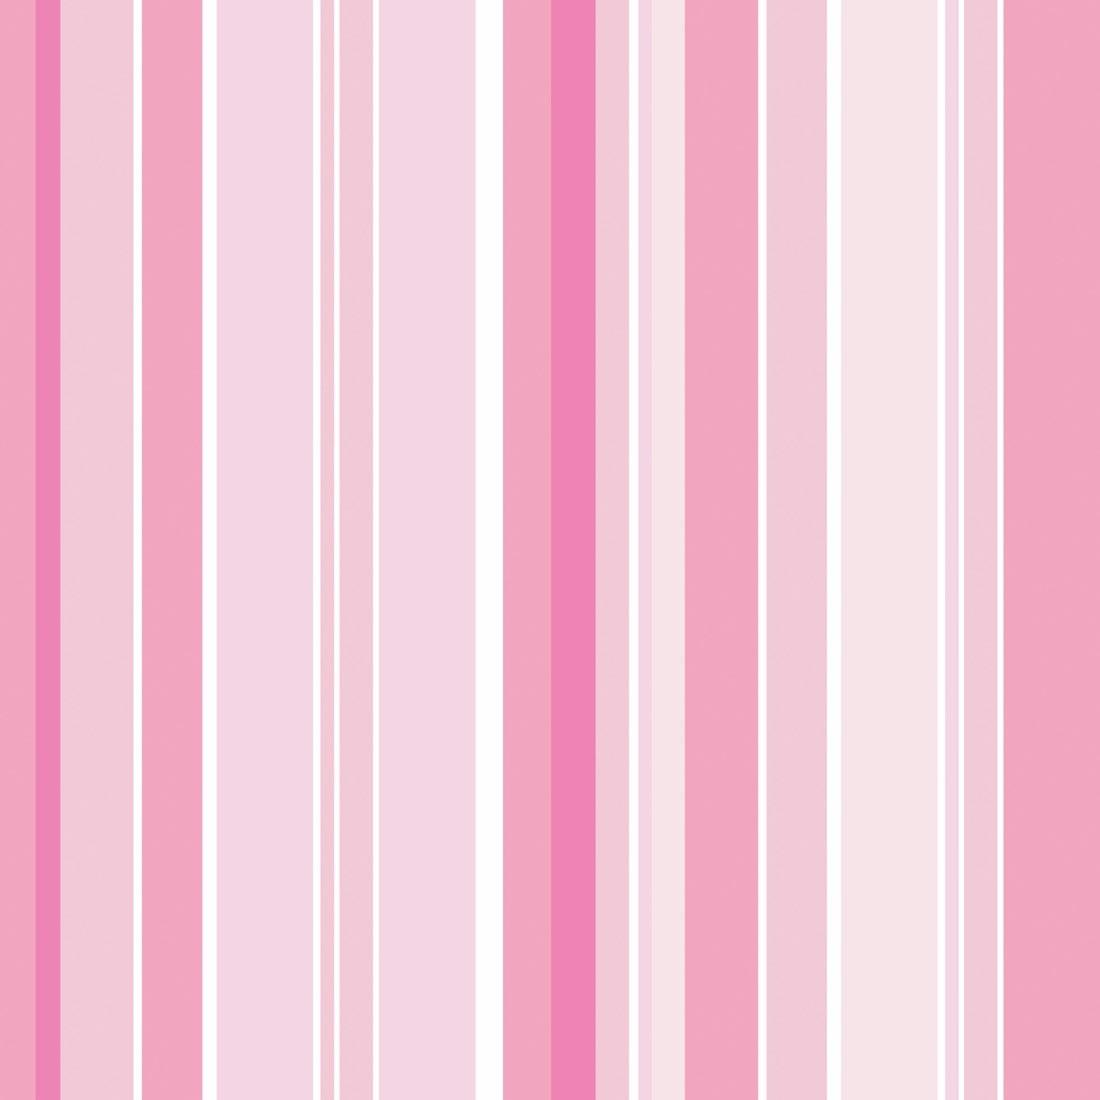 Papel de parede listrado tons rosa r 47 00 em mercado livre - Papel de pared de rayas ...